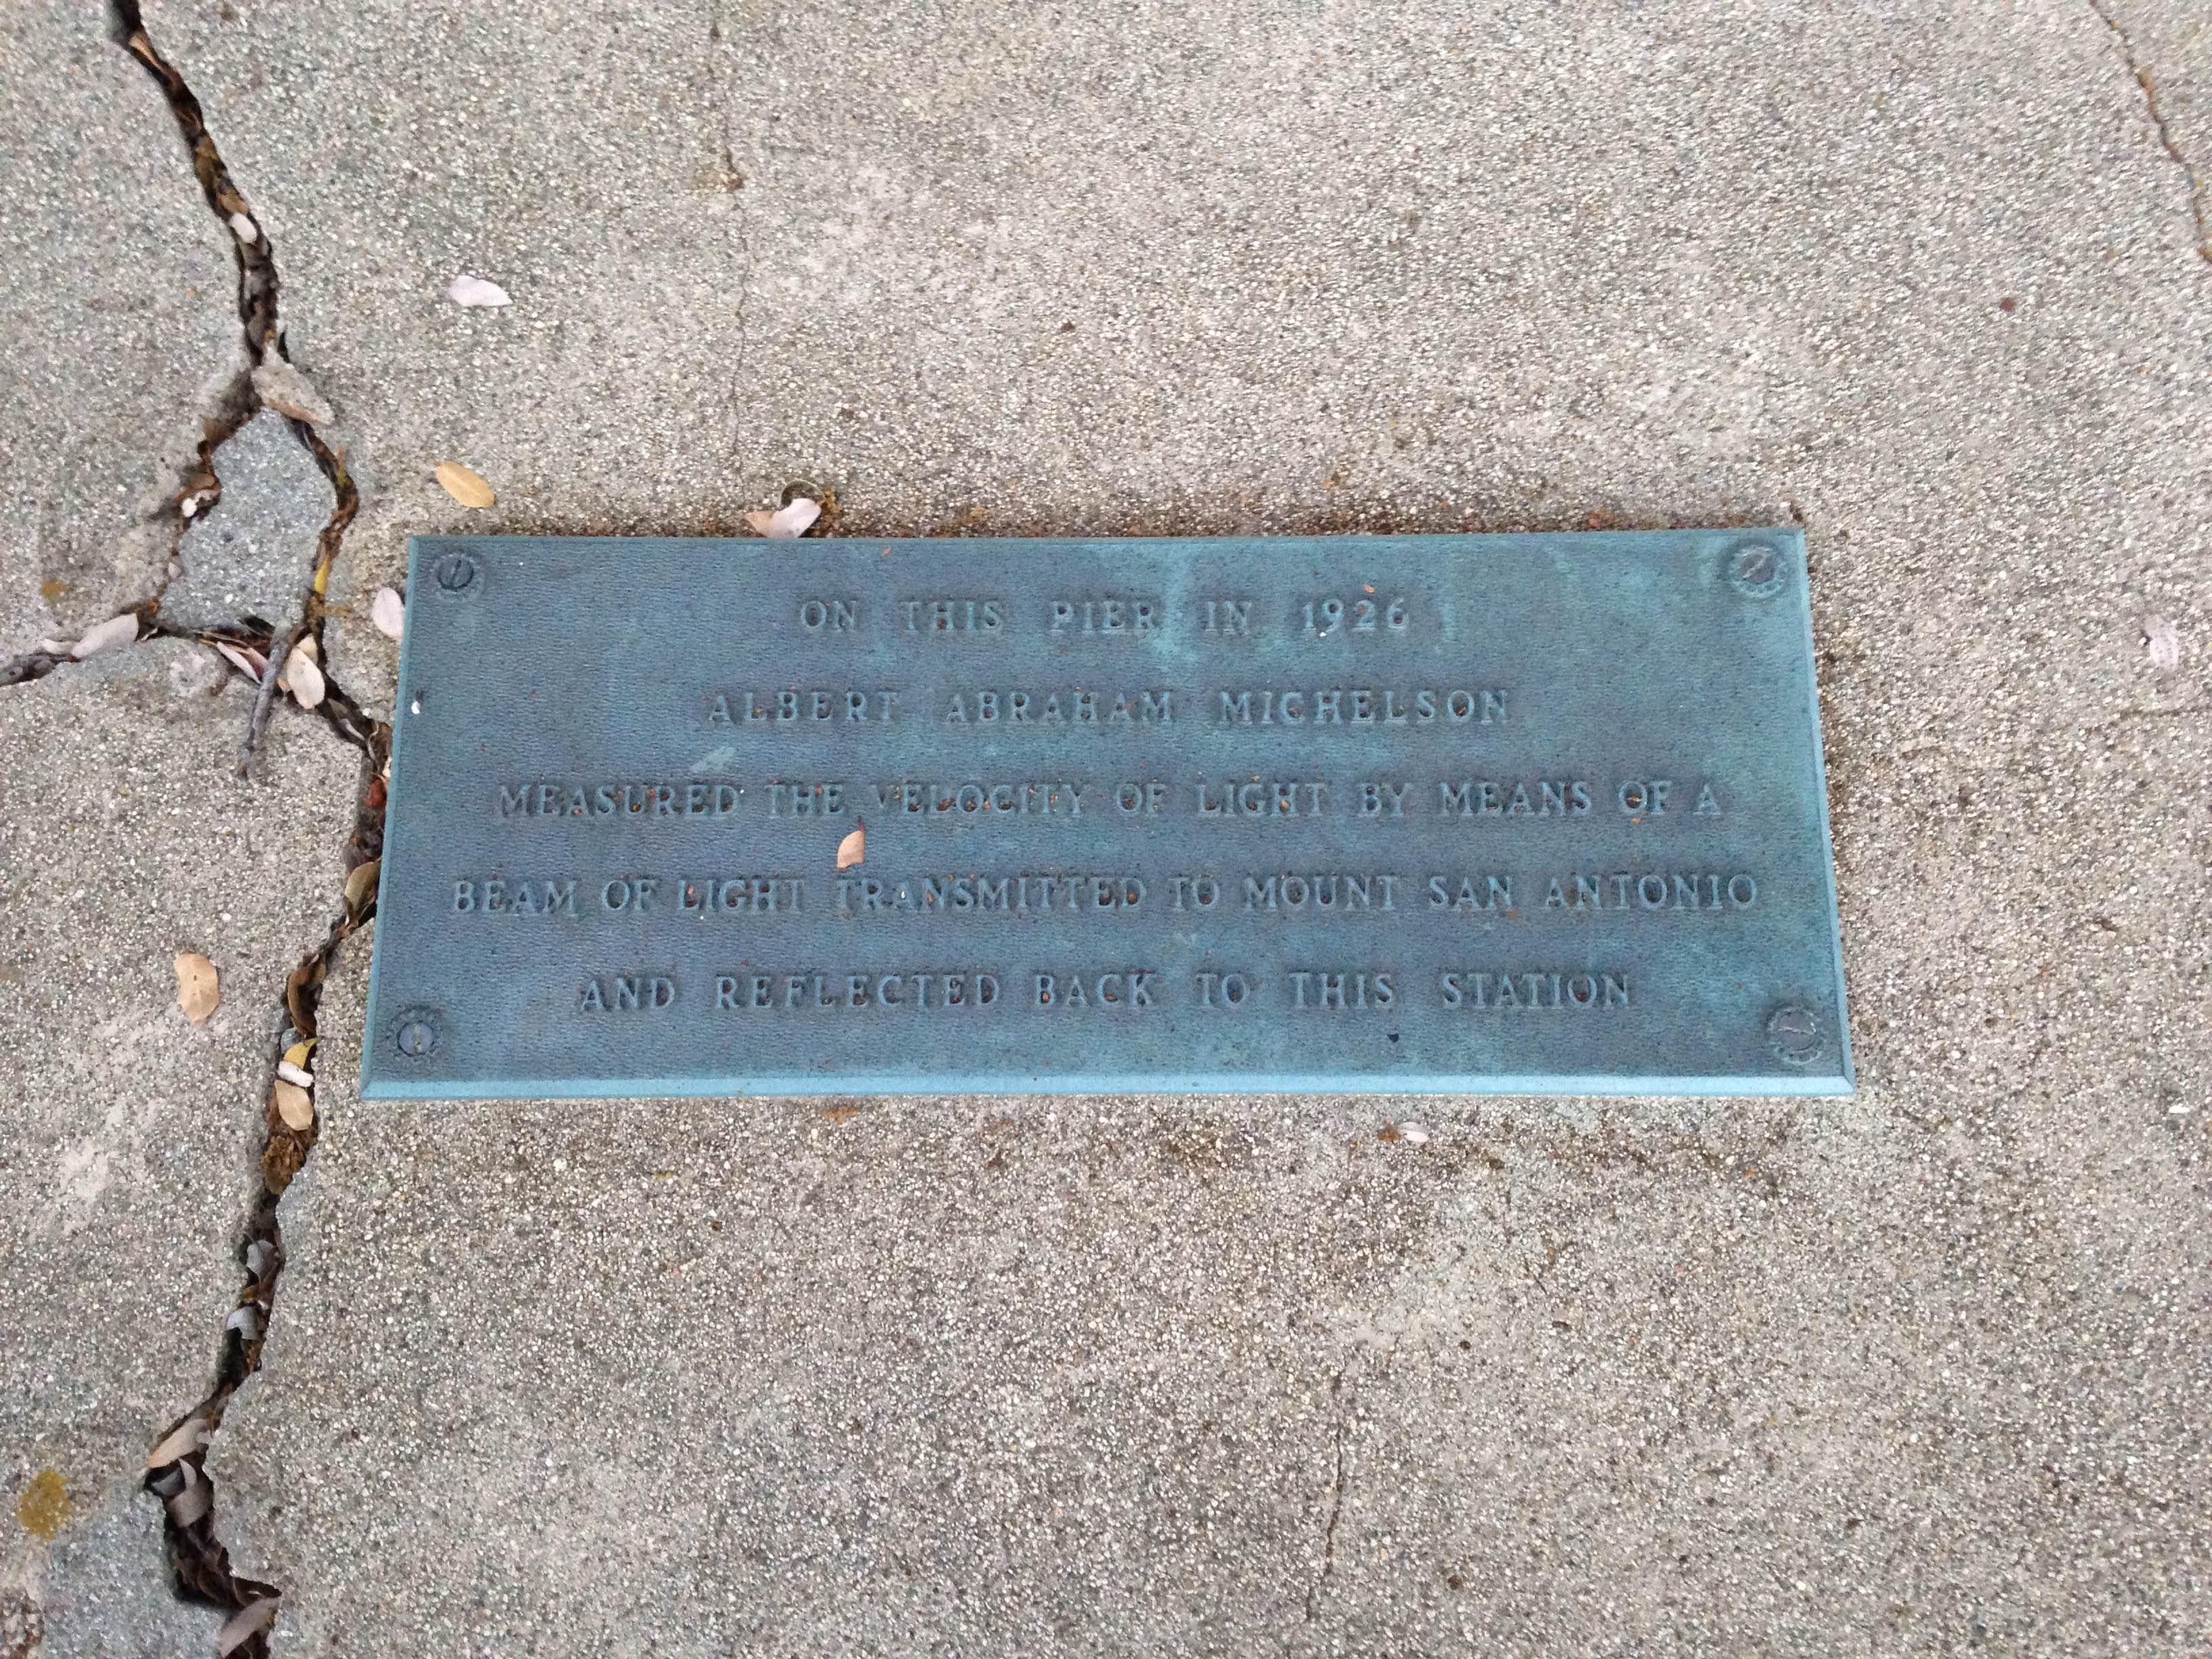 Mt Wilson 10 - lightspeed test plaque